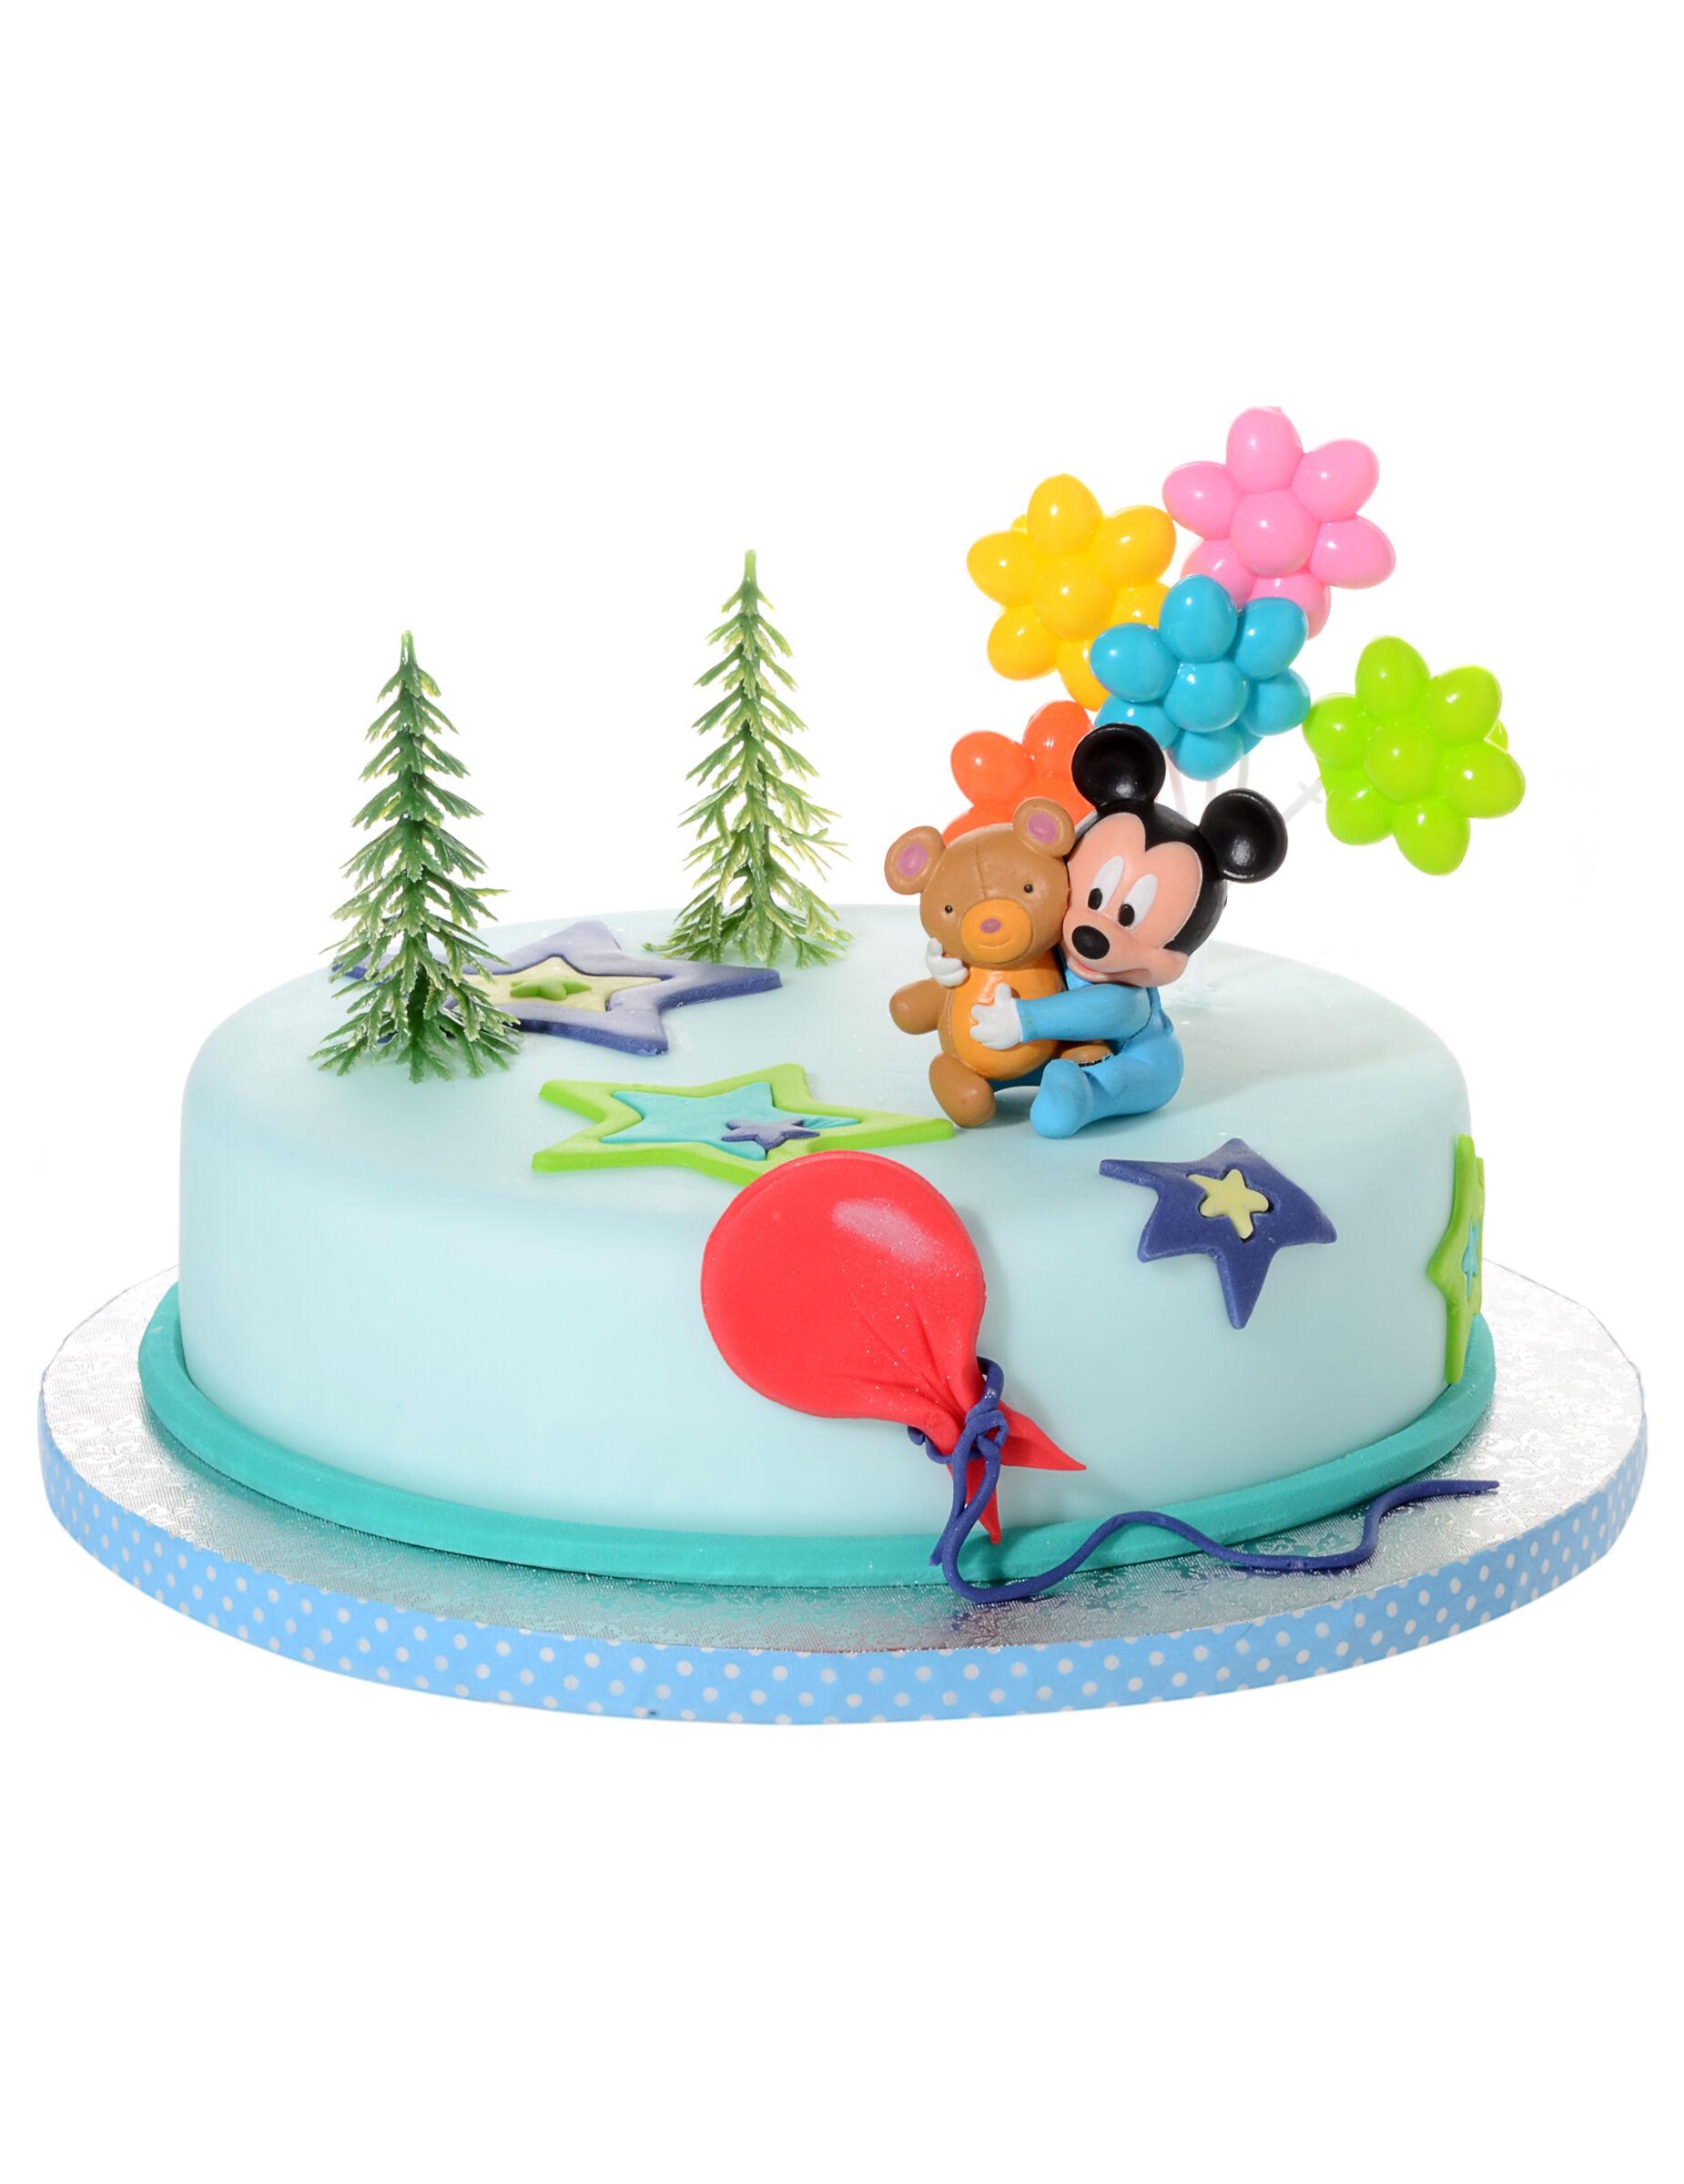 Deguisetoi 4 Accessoires pour gâteau Bébé Mickey